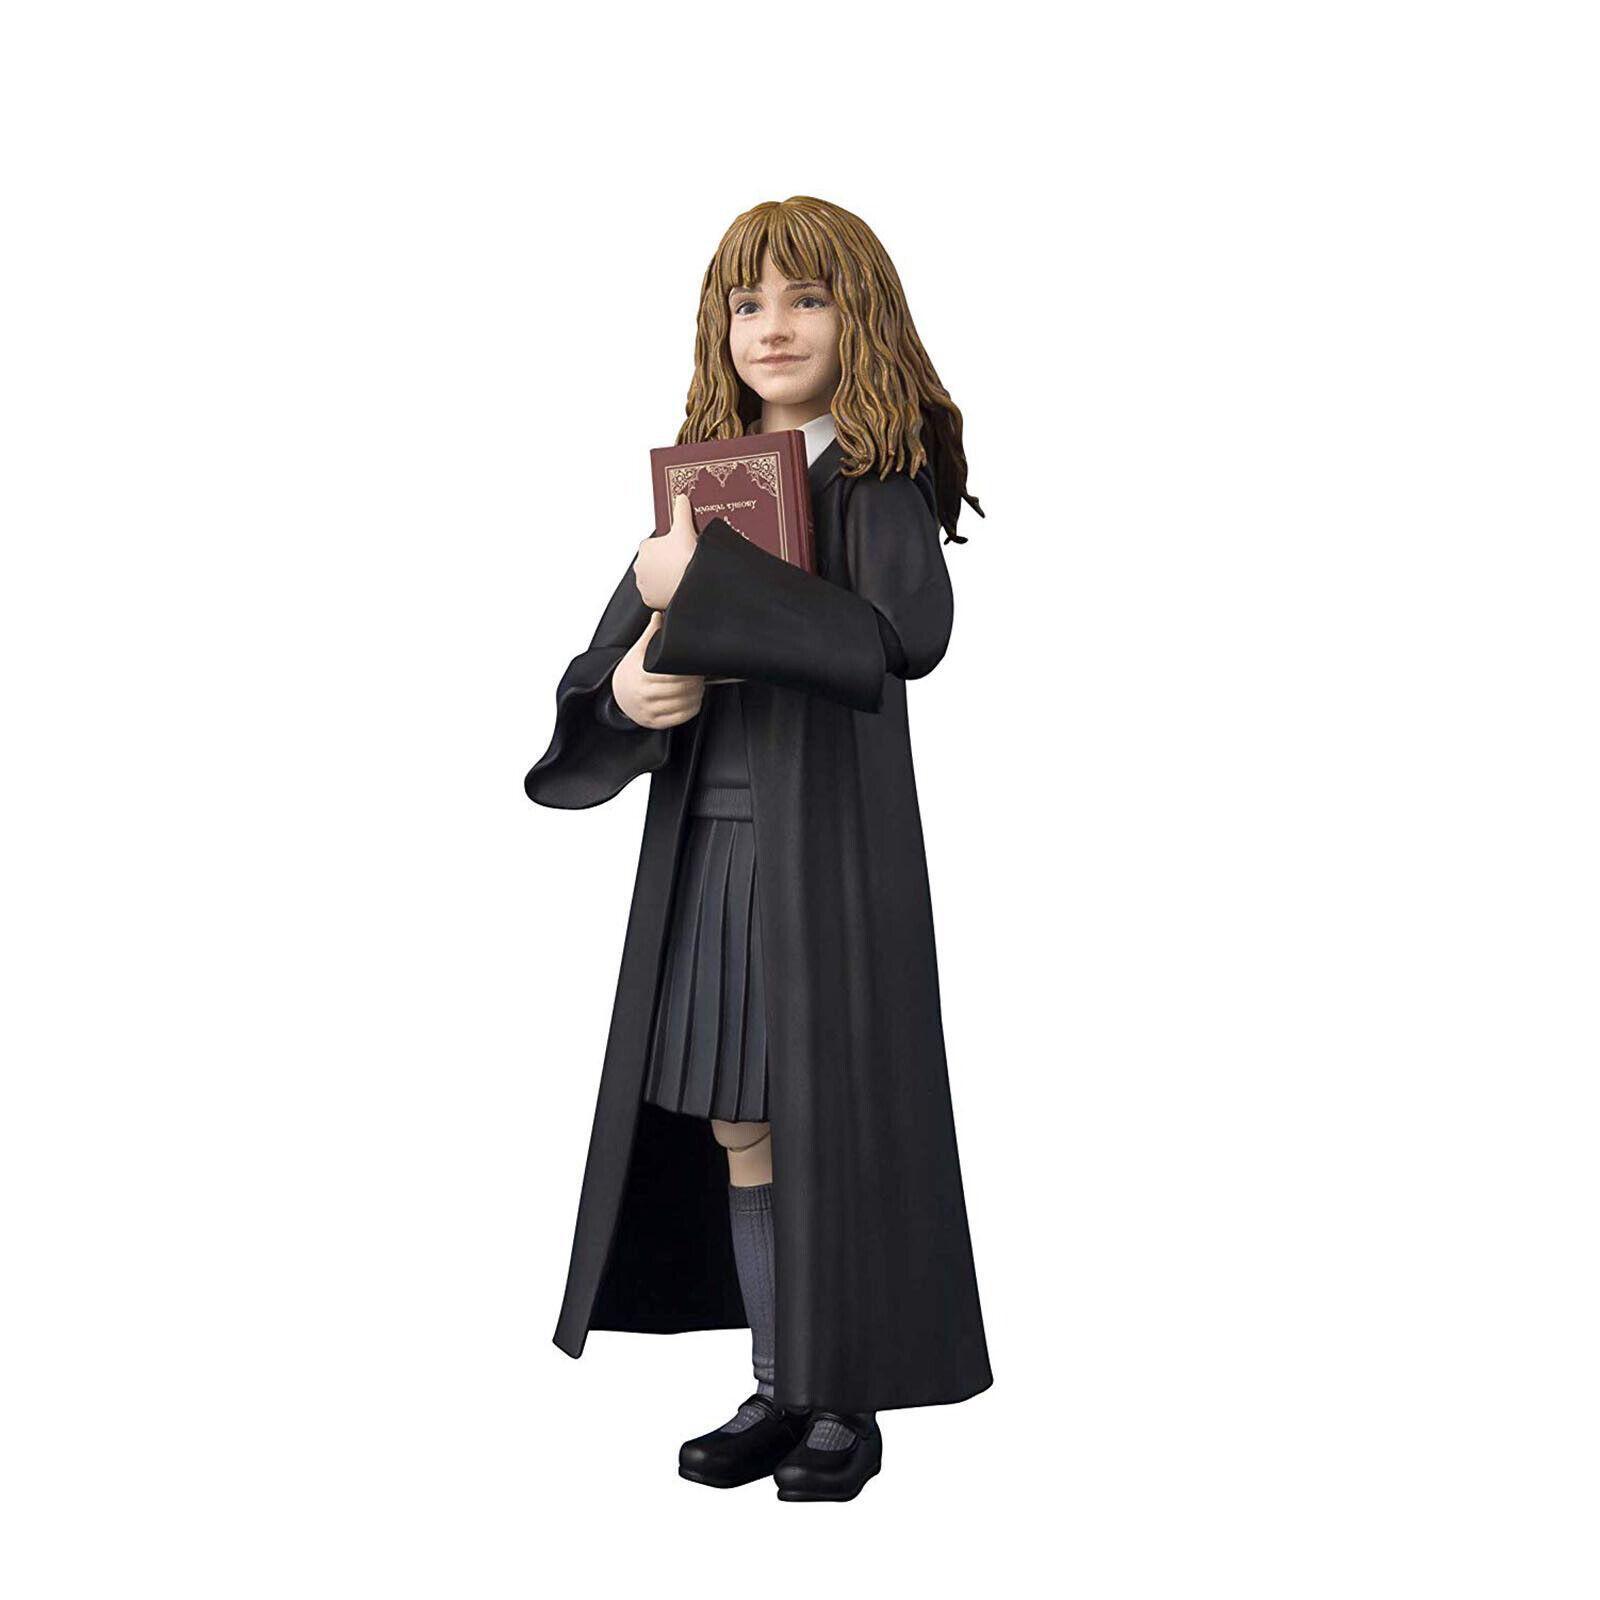 Bandai Harry Potter Sorcerer's Piedra Hermione Granger Figuarts Figura De Acción Nueva